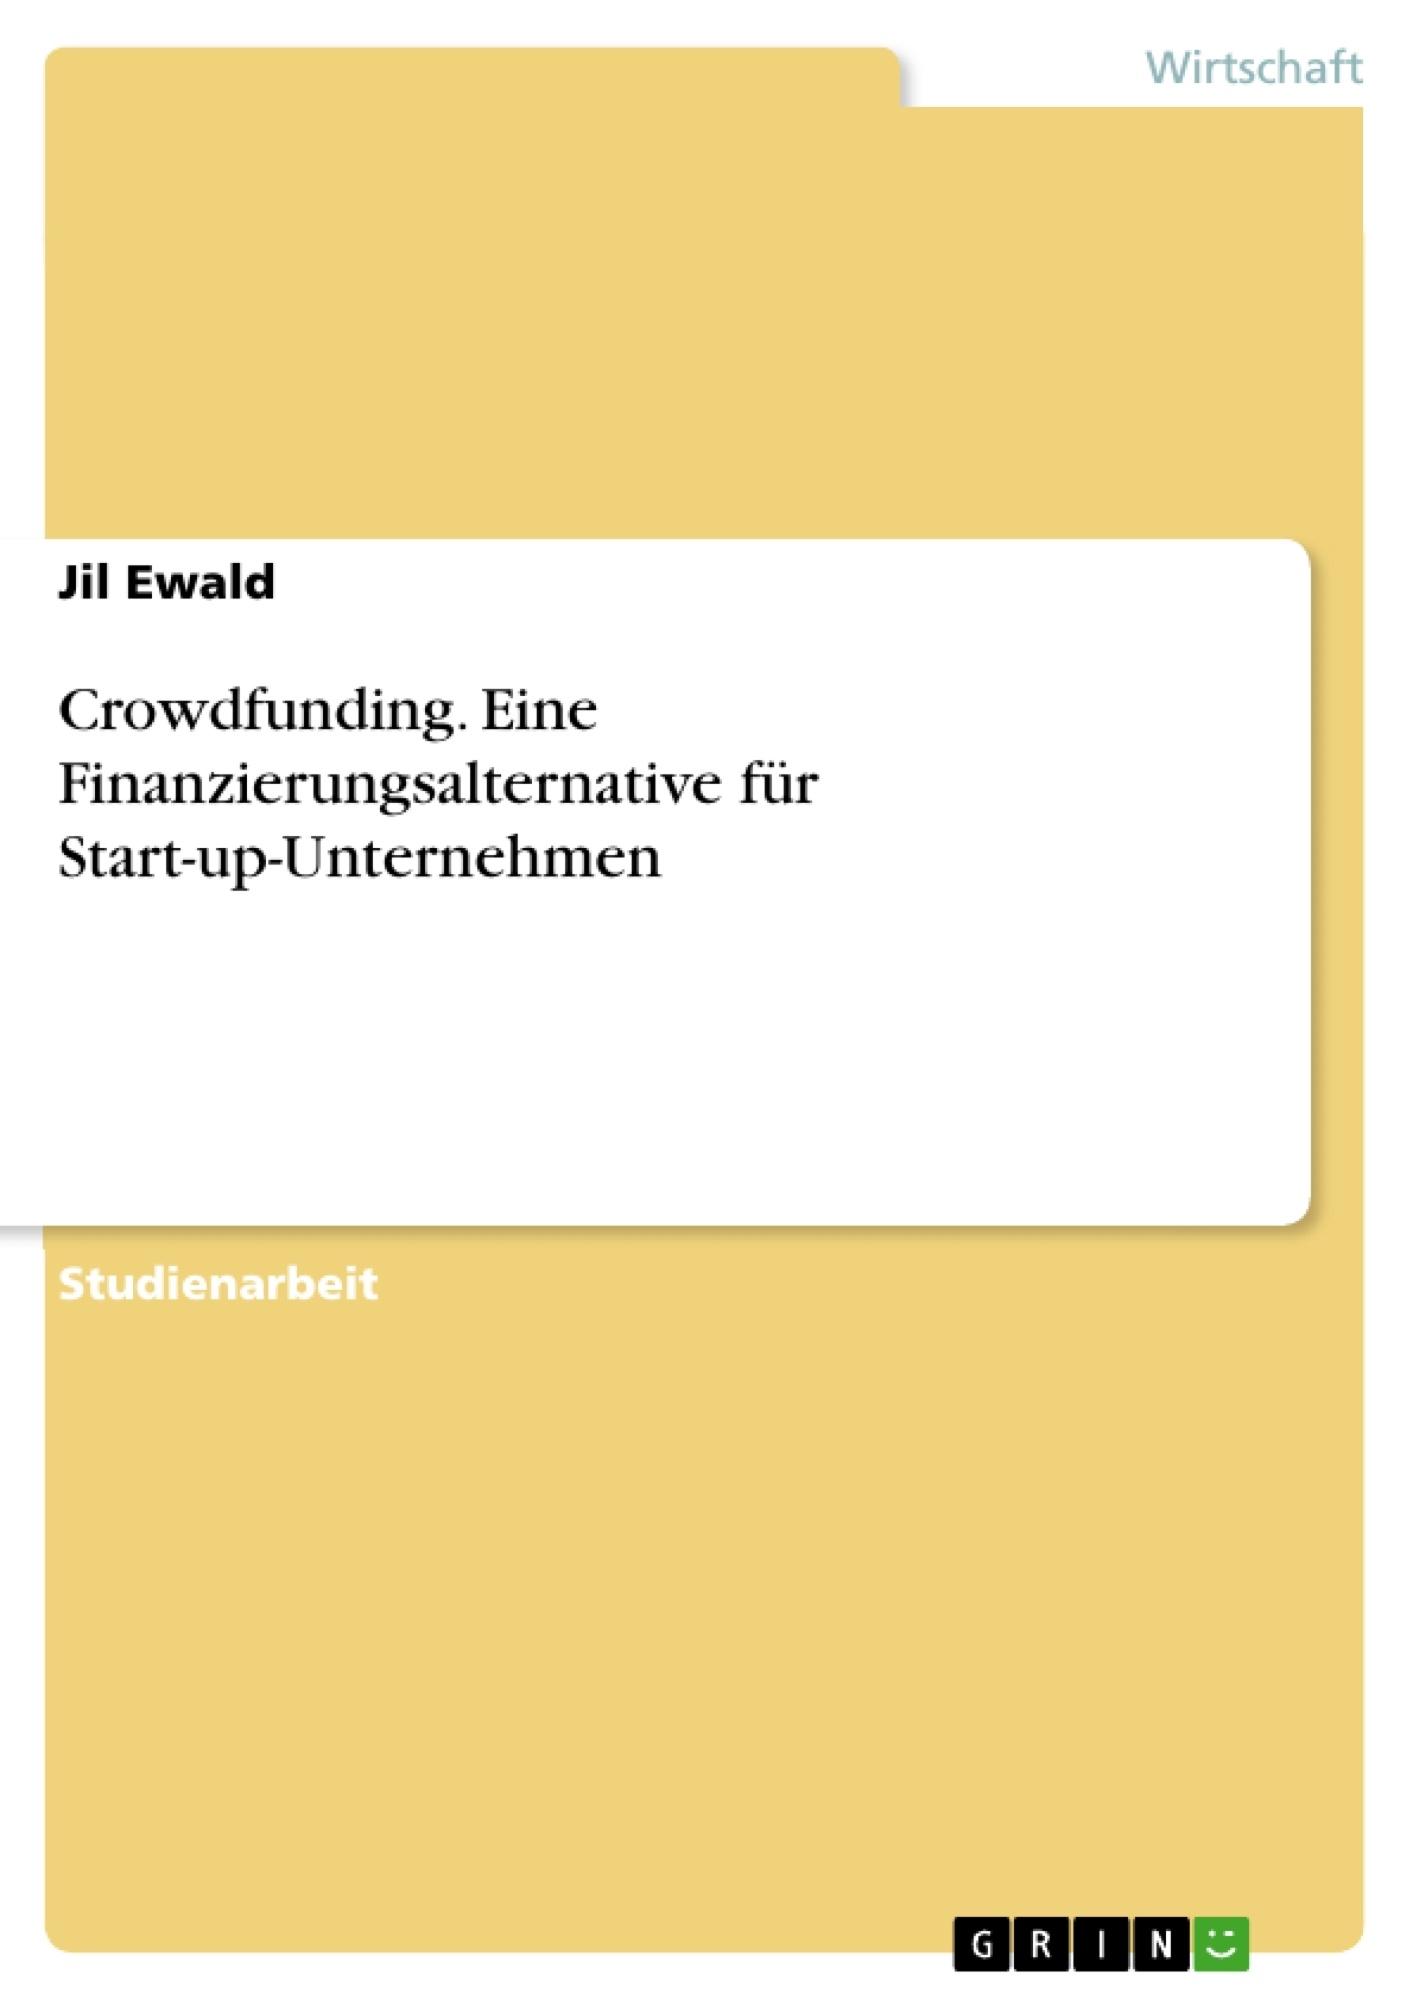 Titel: Crowdfunding. Eine Finanzierungsalternative für Start-up-Unternehmen